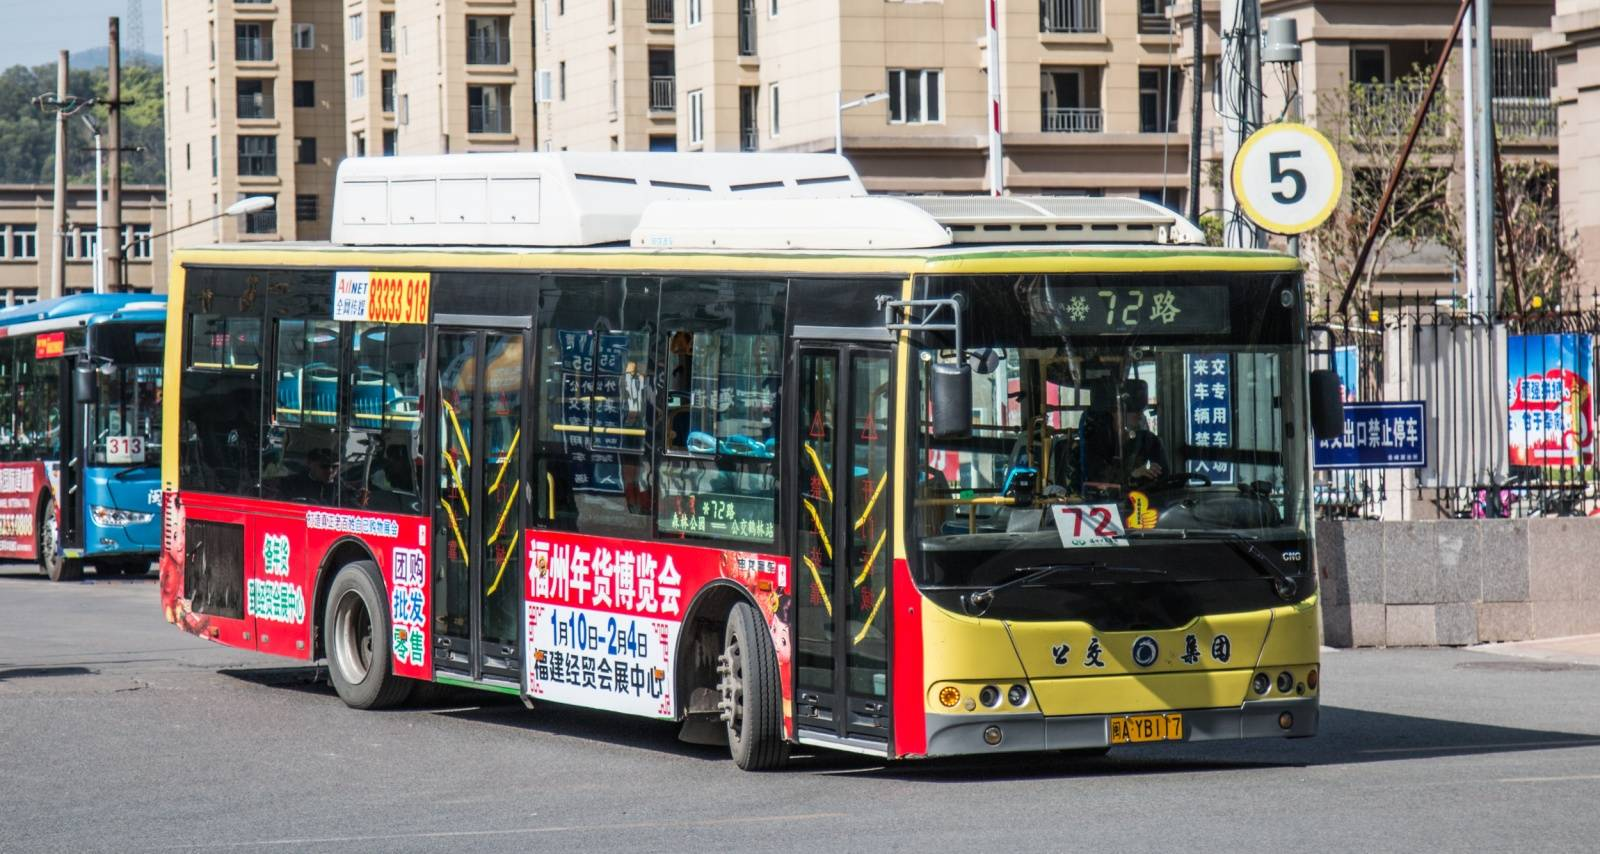 12-42-54-1600px-闽AYB117.jpg